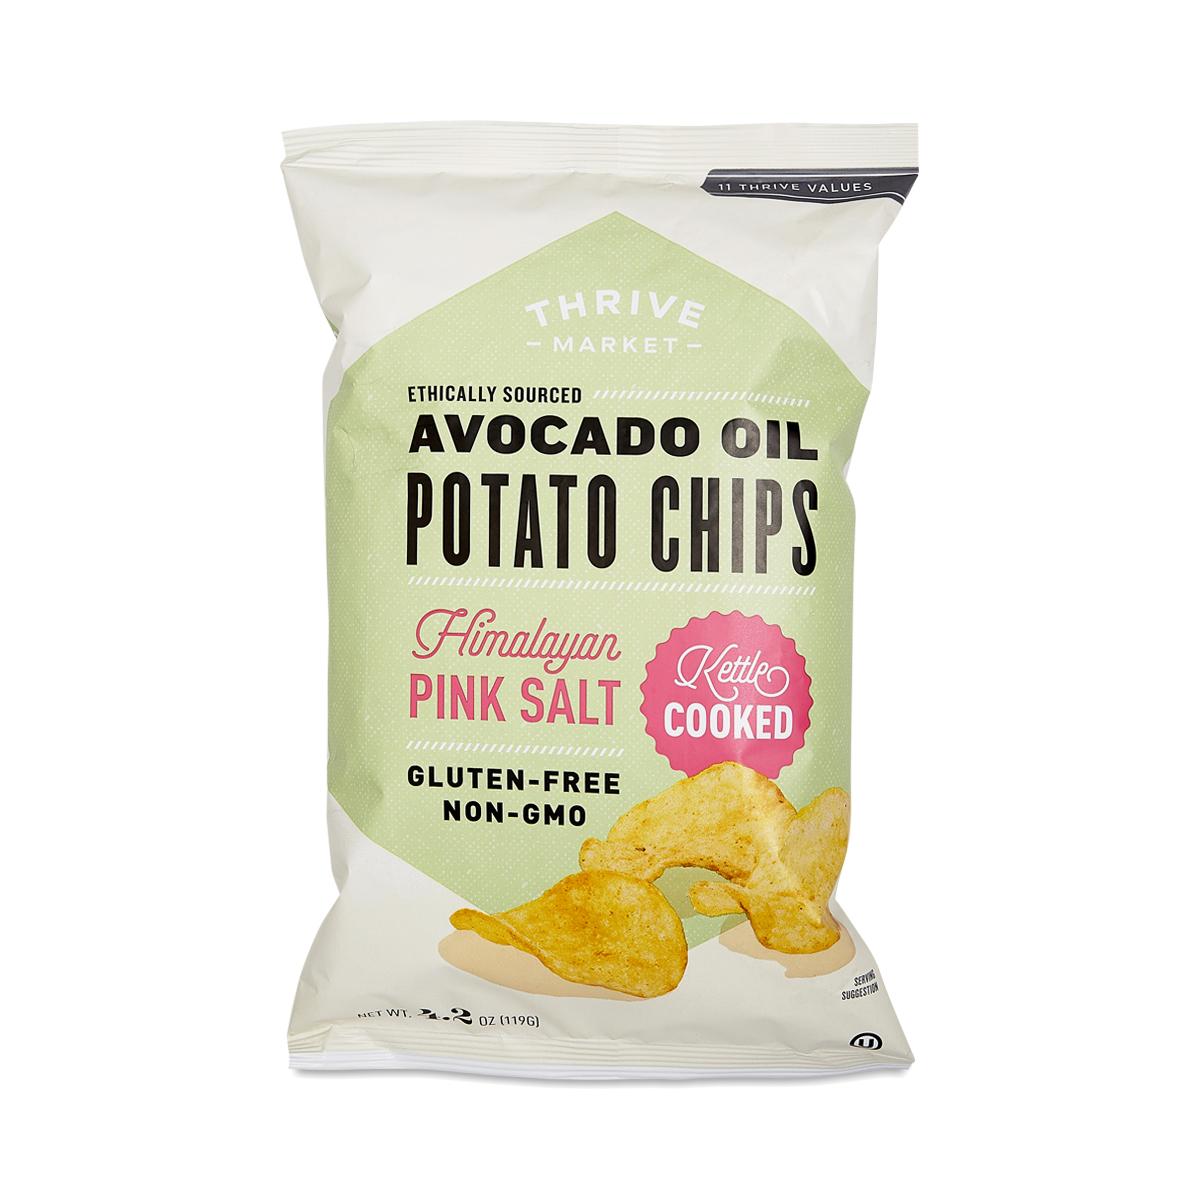 Thrive Market Non-GMO Avocado Oil Potato Chips, Himalayan Salt 4.2 oz bag